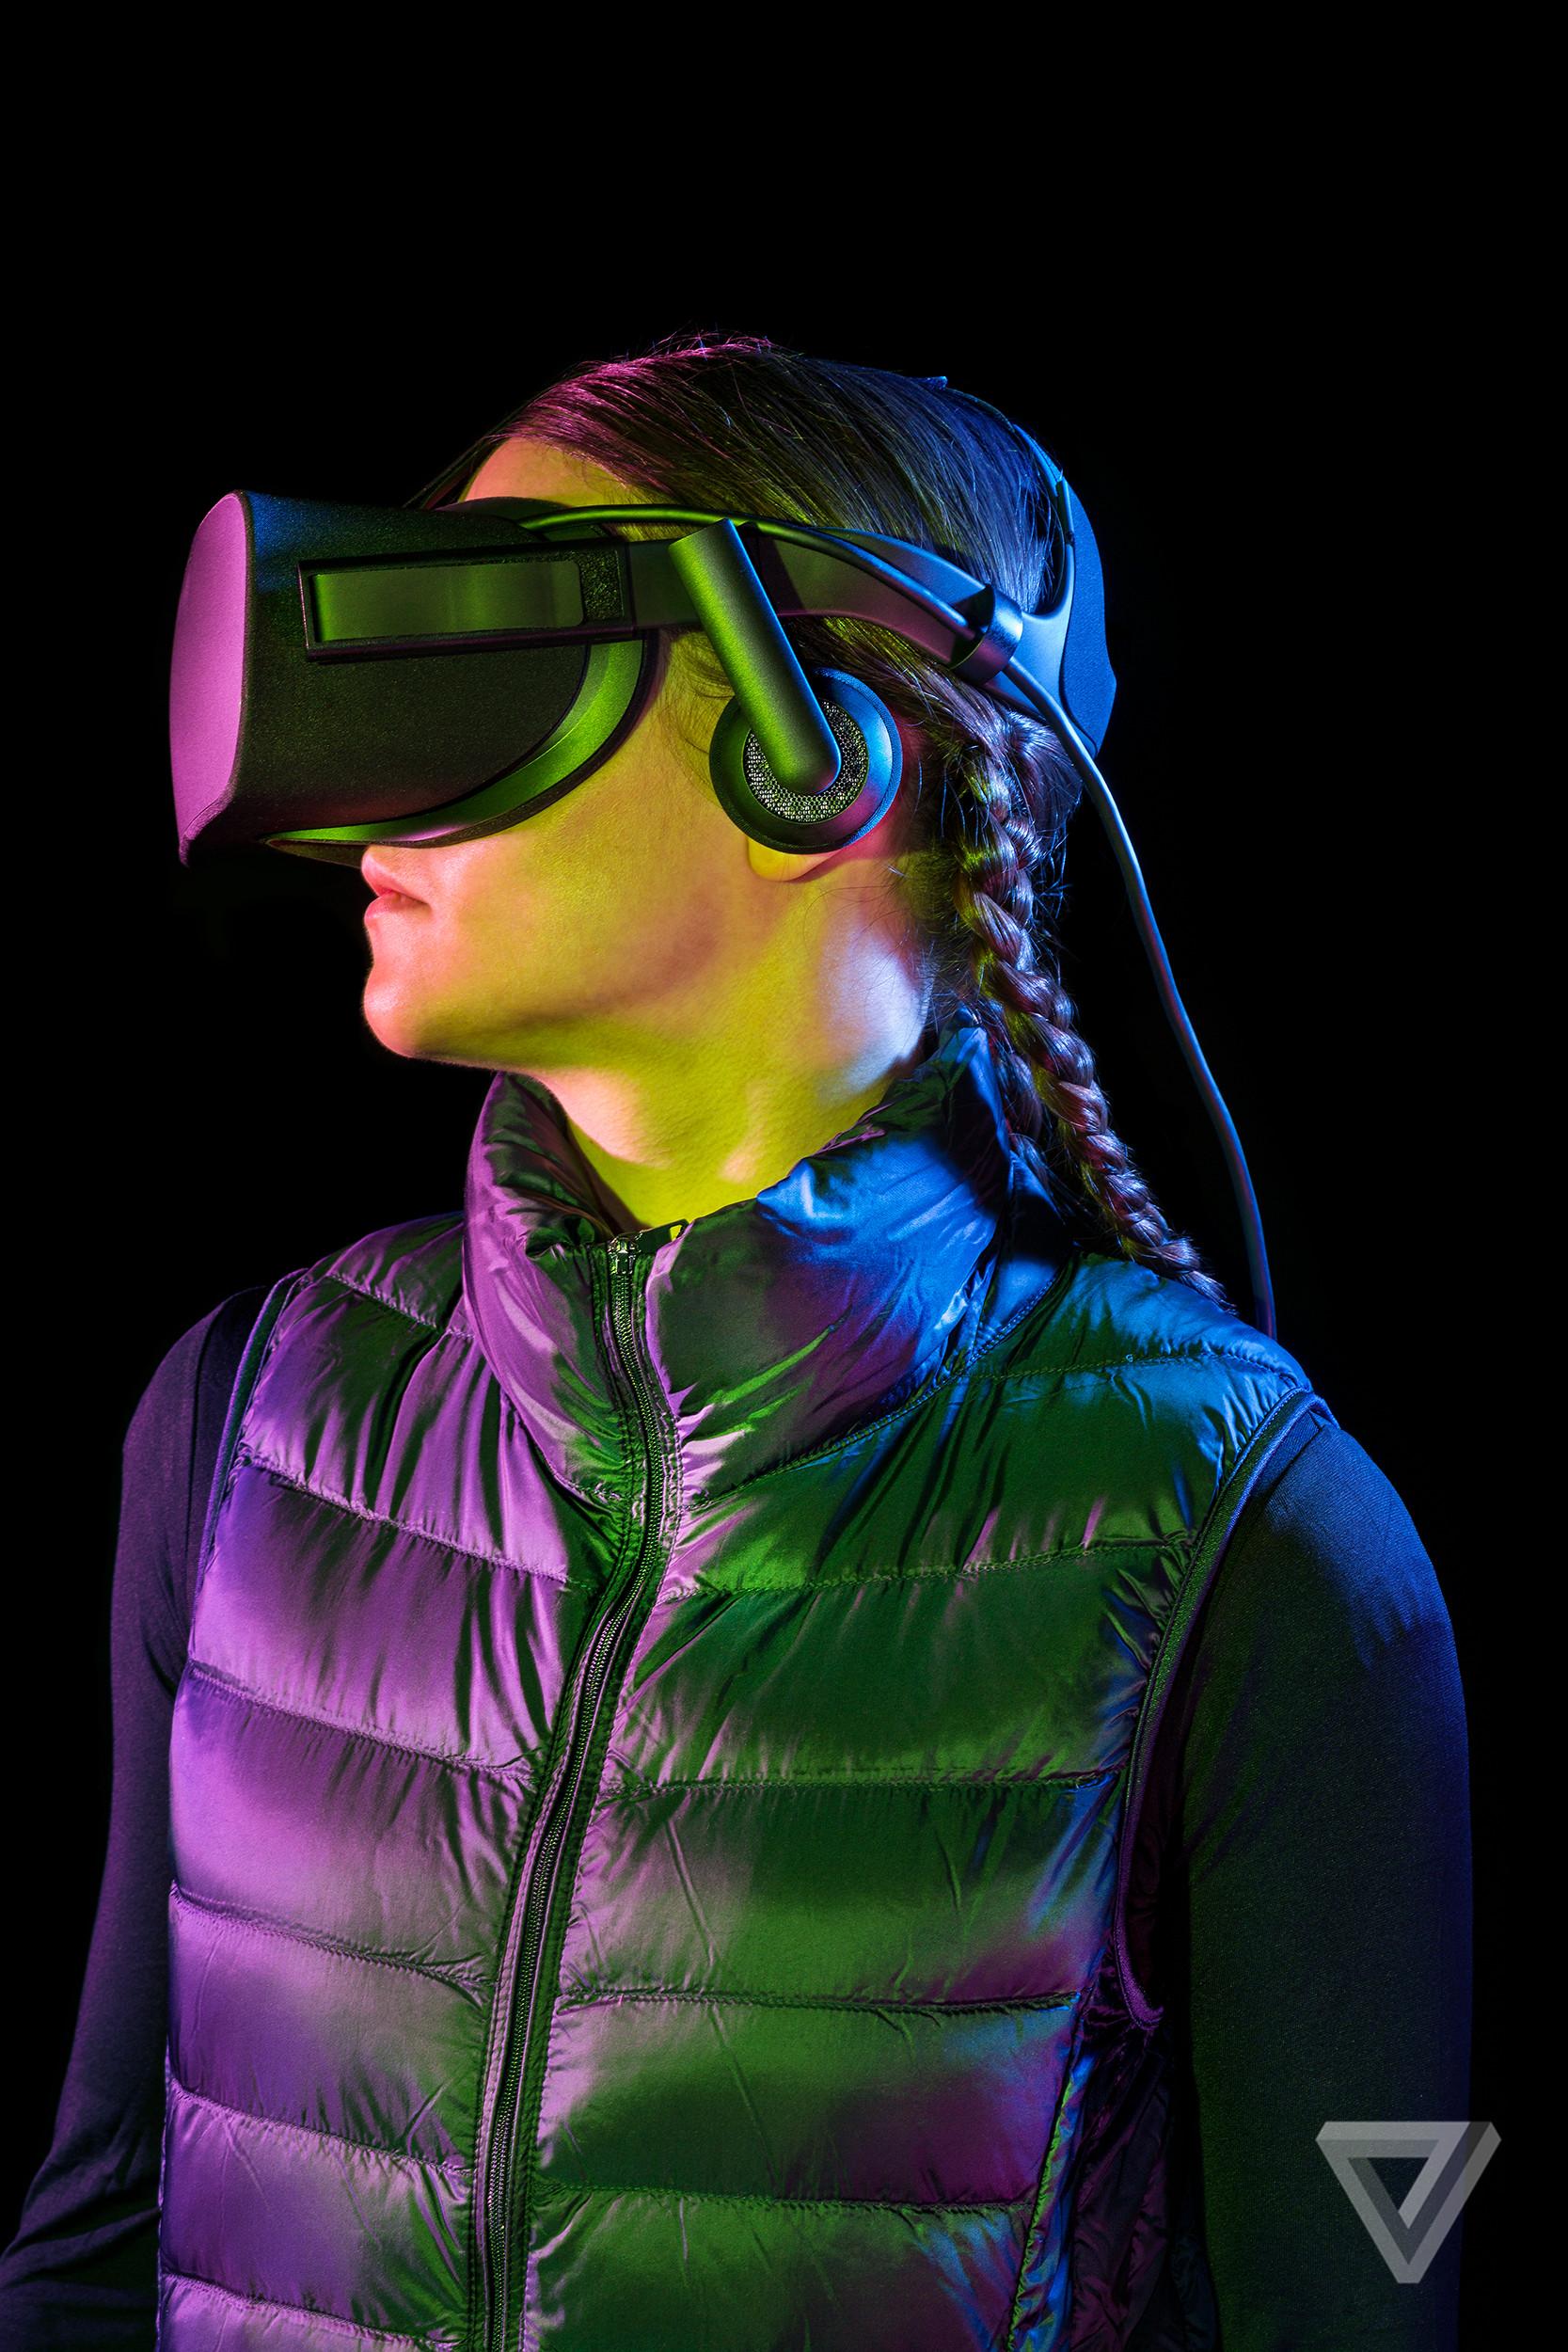 Oculus Adi portrait